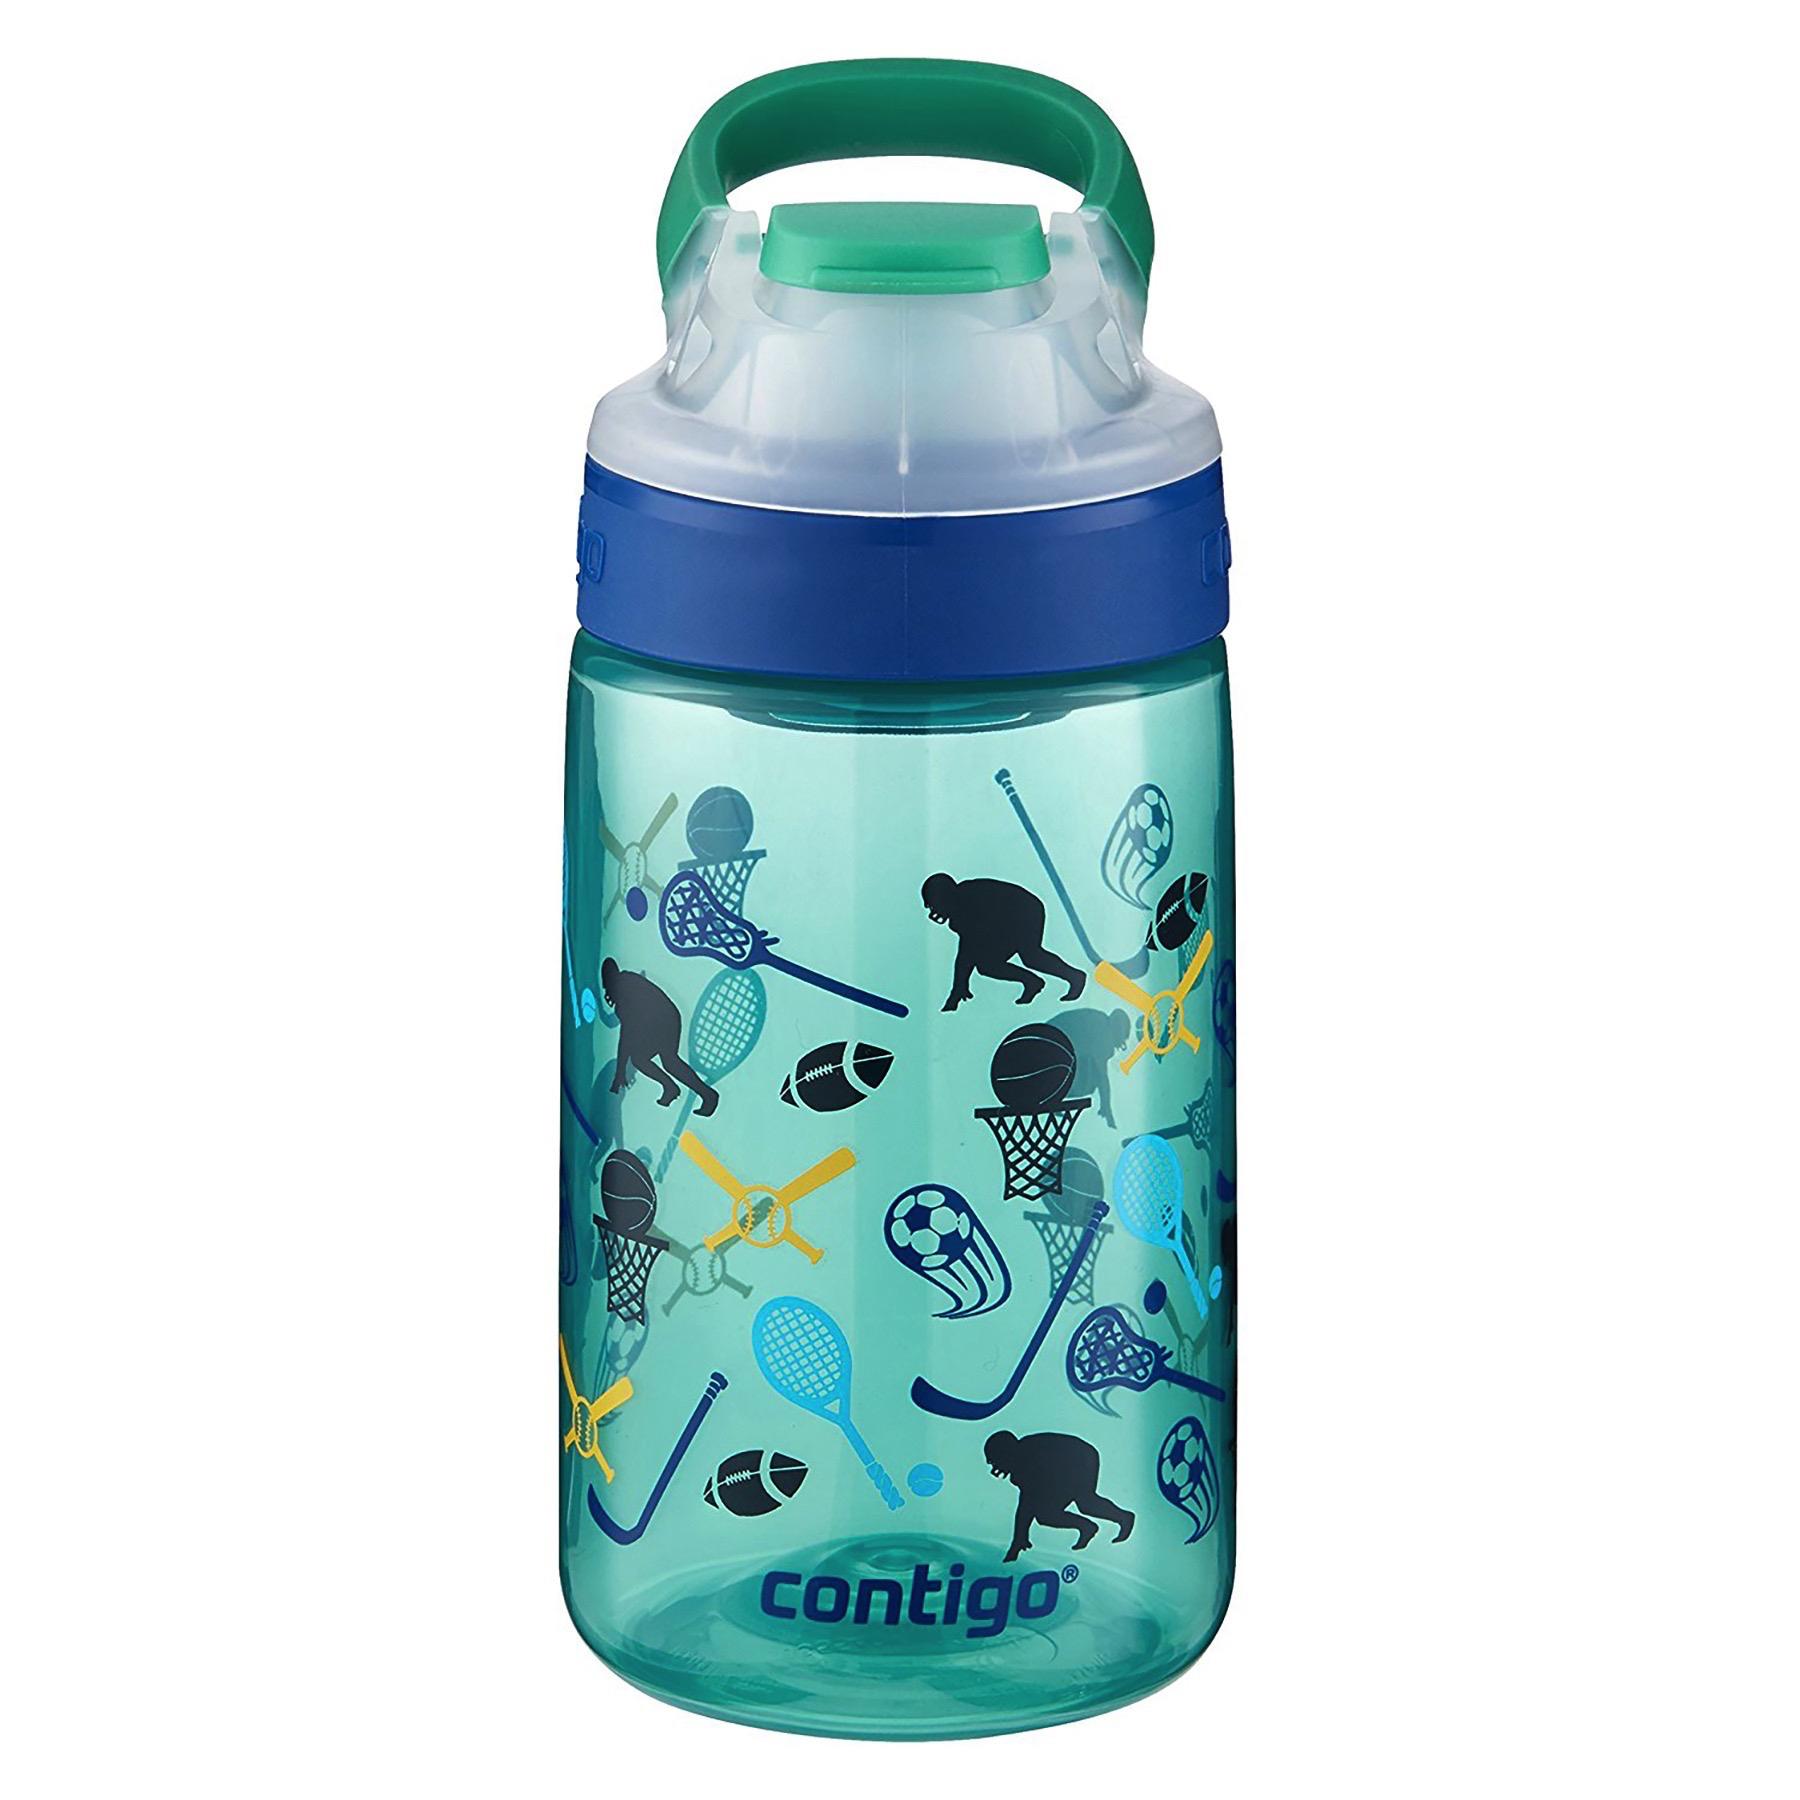 2018 Contigo 14 oz Gizmo Flip Autospout Bottle FREE SHIPPING